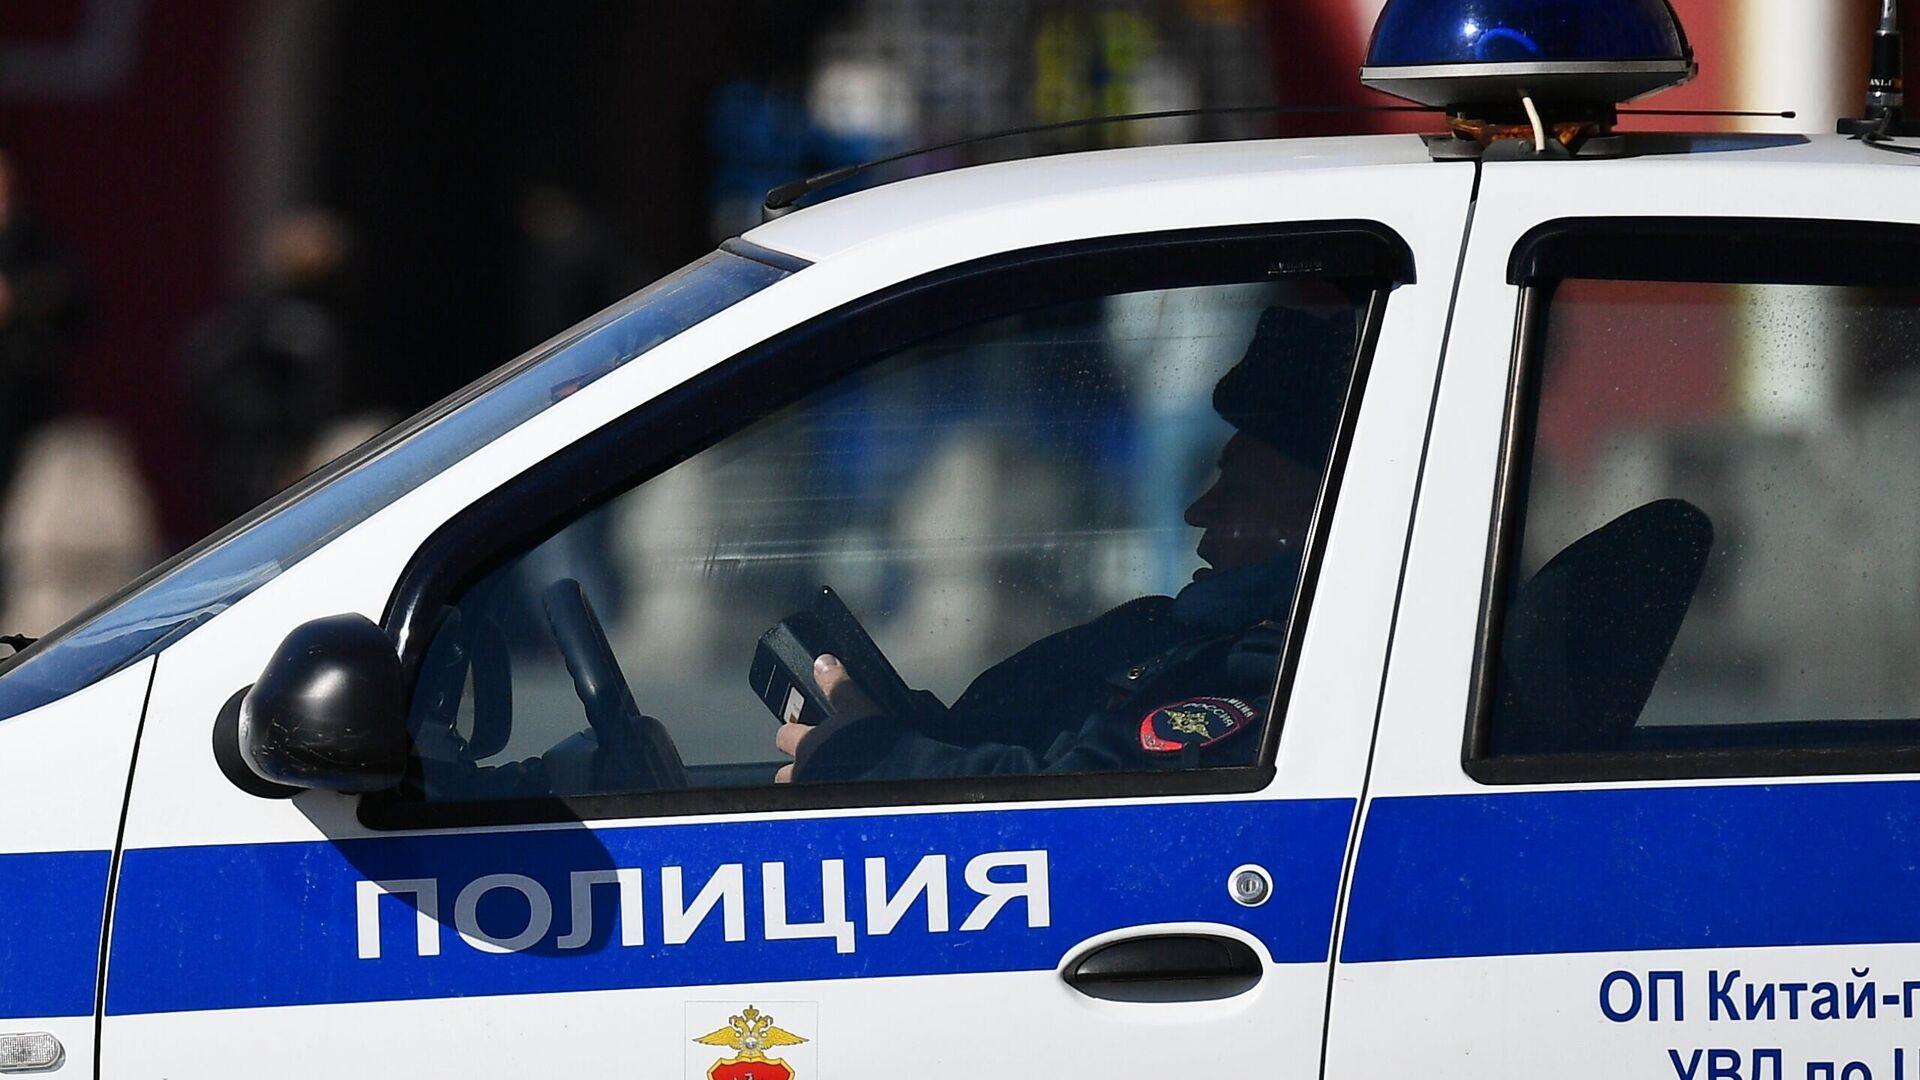 Сотрудник правоохранительных органов в полицейской машине в центре Москвы - РИА Новости, 1920, 16.06.2021